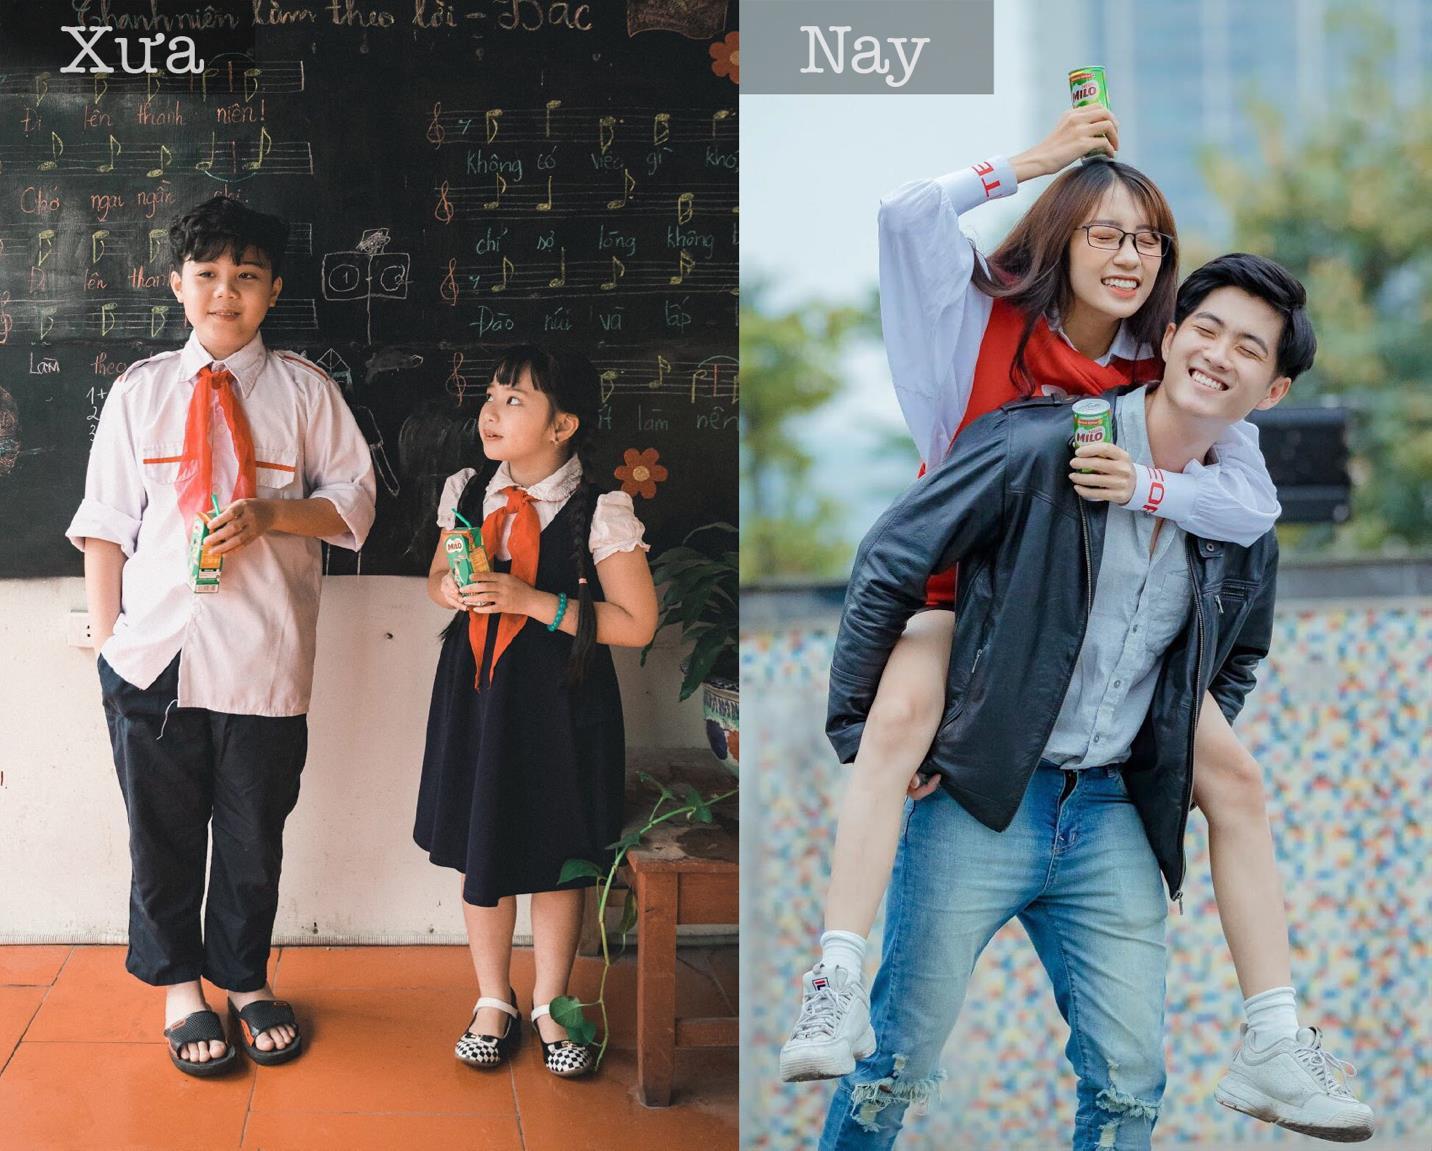 Bộ ảnh Xưa - Nay về tình bạn này sẽ cho thấy ai cũng từng có đồng bọn lớn cùng năm tháng - Ảnh 5.